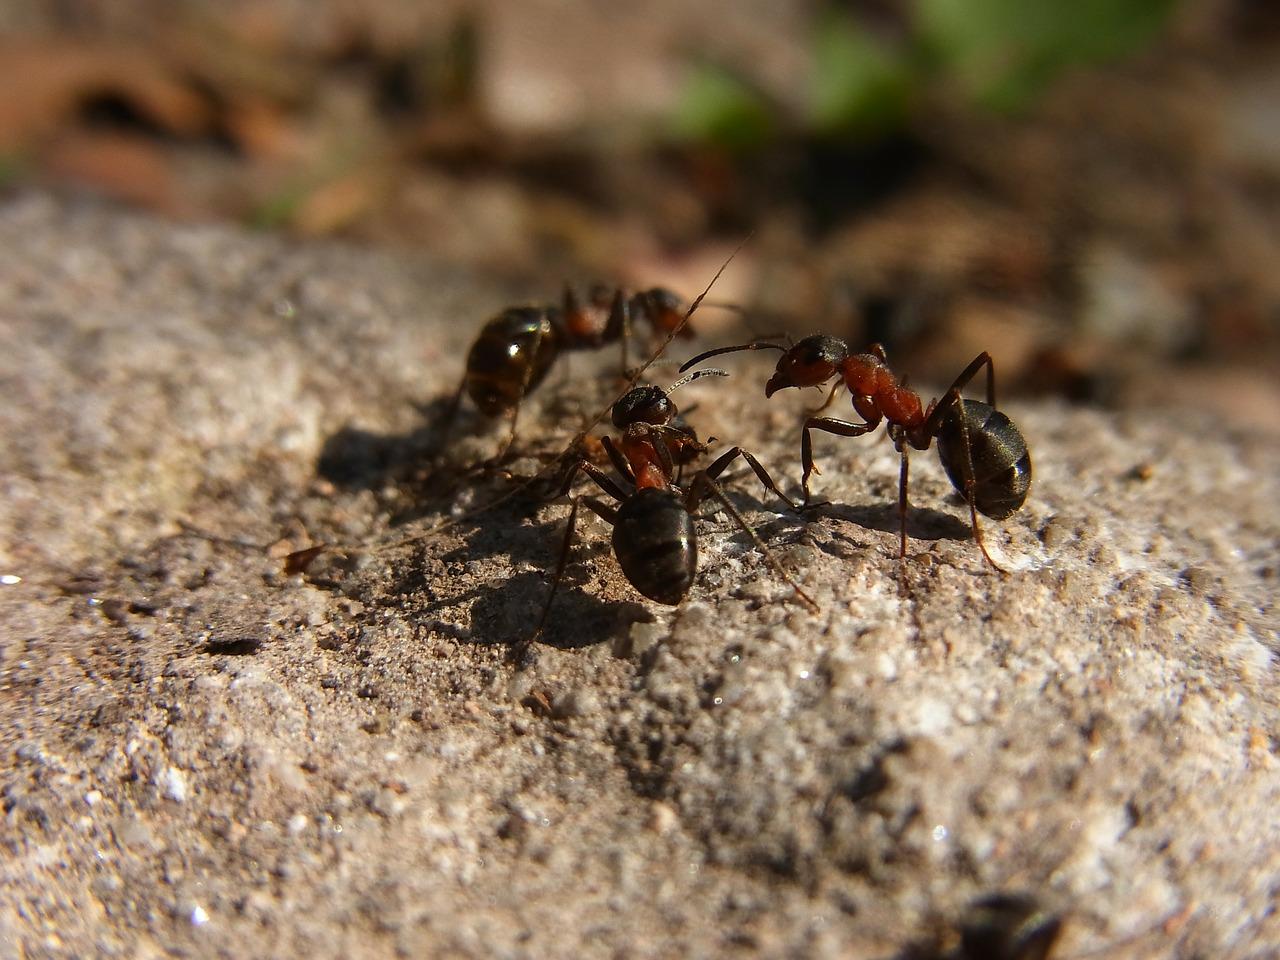 Враги надоедливых насекомых — кто ест муравьев?